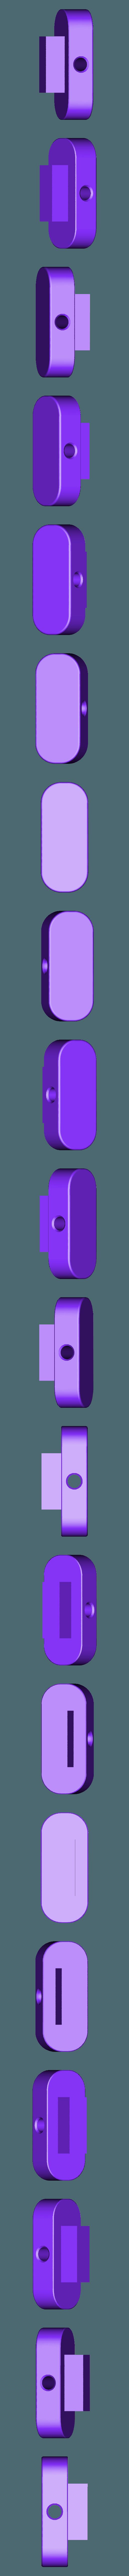 Butt.stl Télécharger fichier STL gratuit OKC MK3 Couteau Marine • Plan imprimable en 3D, Piggie